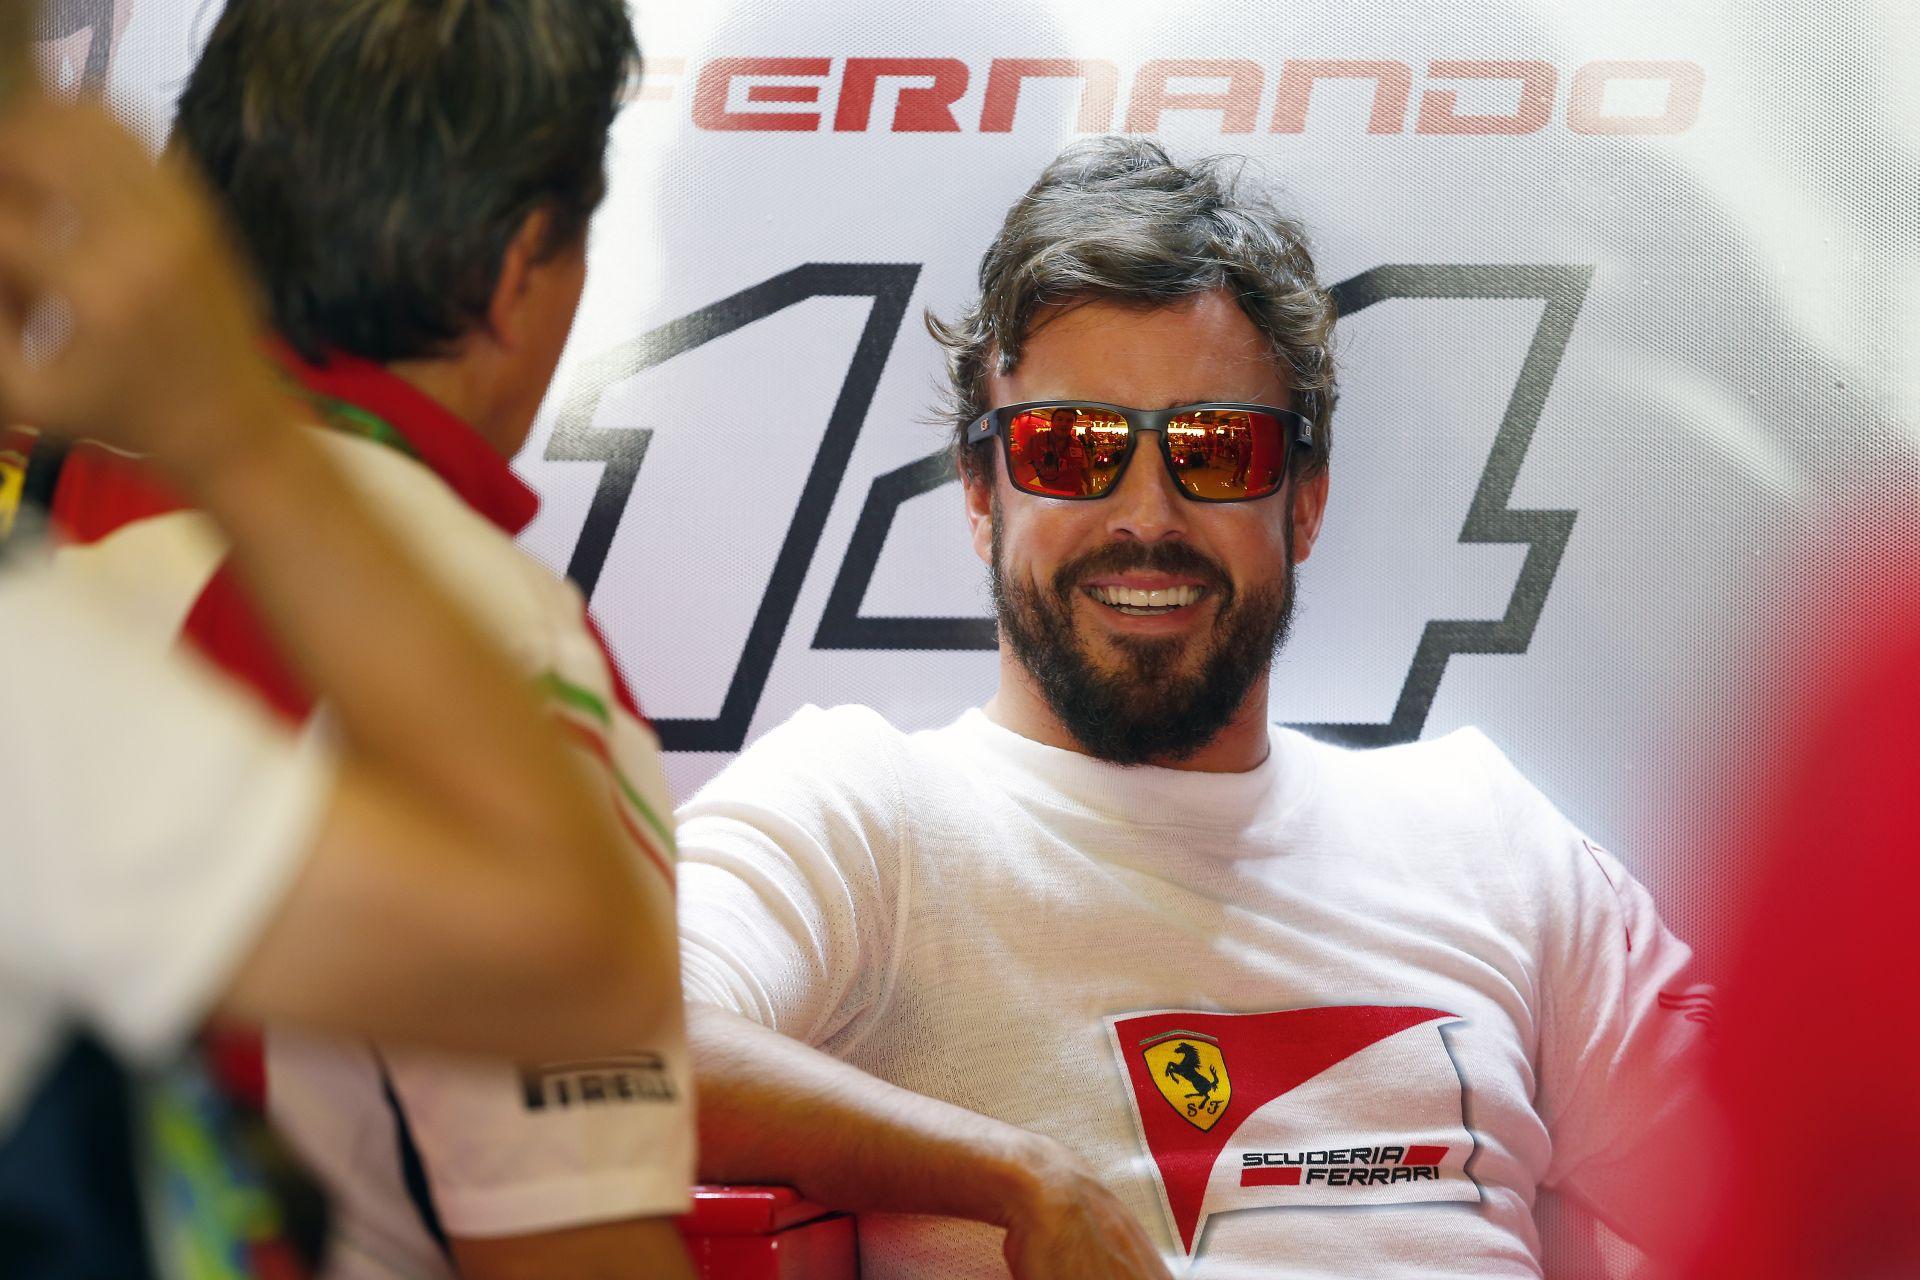 """""""Nagyon, de nagyon örülök annak, hogy Vettel átment a Ferrarihoz! Örülök, hogy Alonso elhúzott a francba a Ferraritól, mert már"""